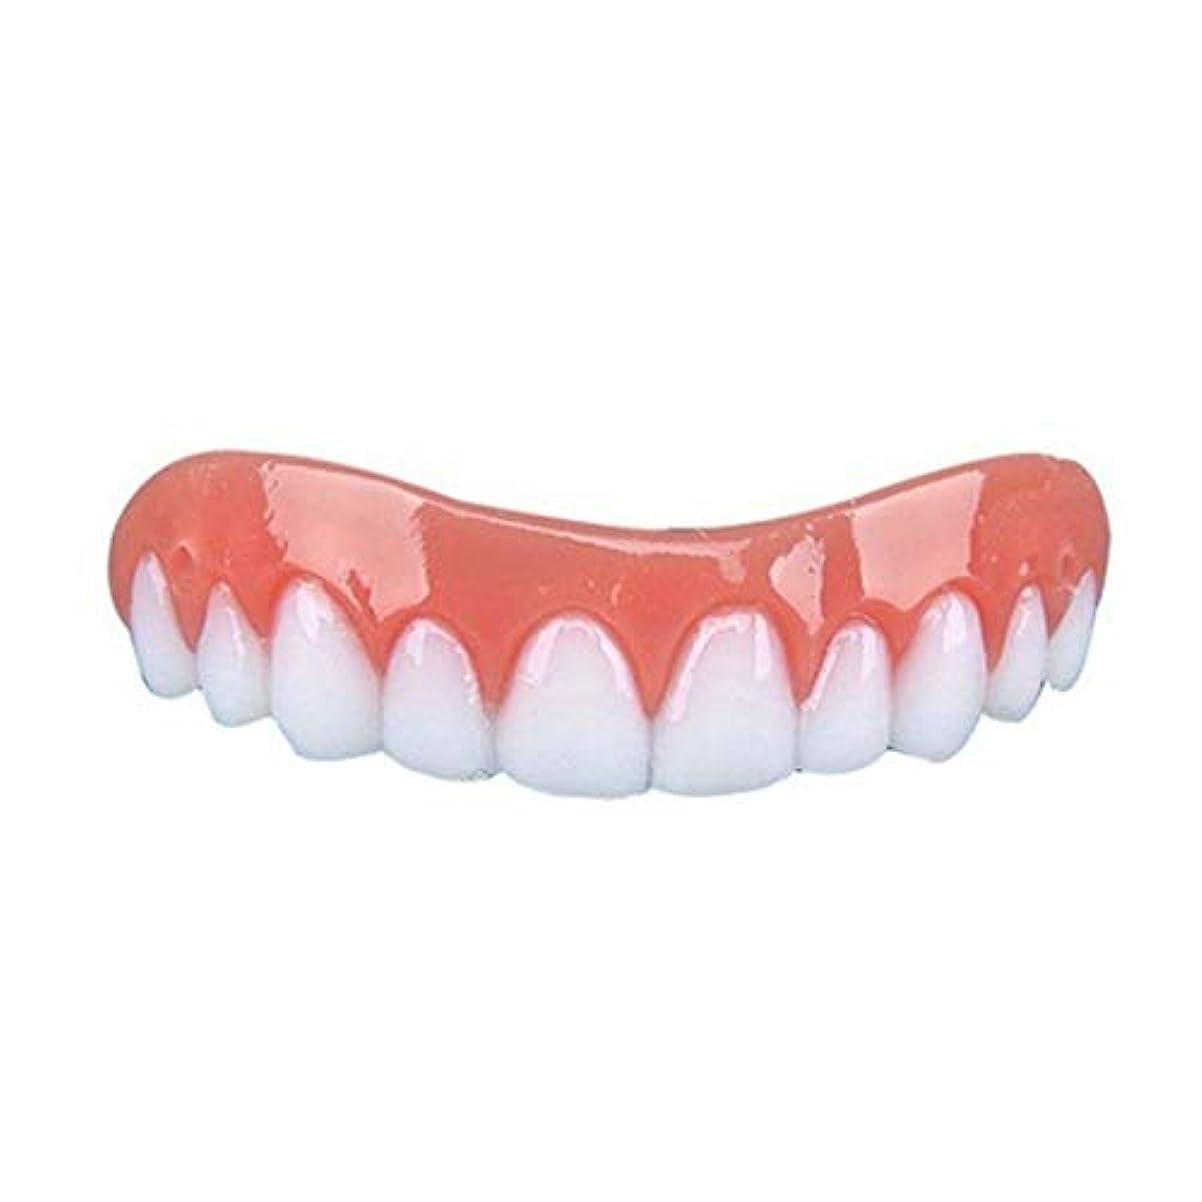 蒸留ベース挑発するBartram 歯カバー シリコン義歯ペースト 上歯 笑顔を保つ 歯保護 美容用 入れ歯 矯正義歯